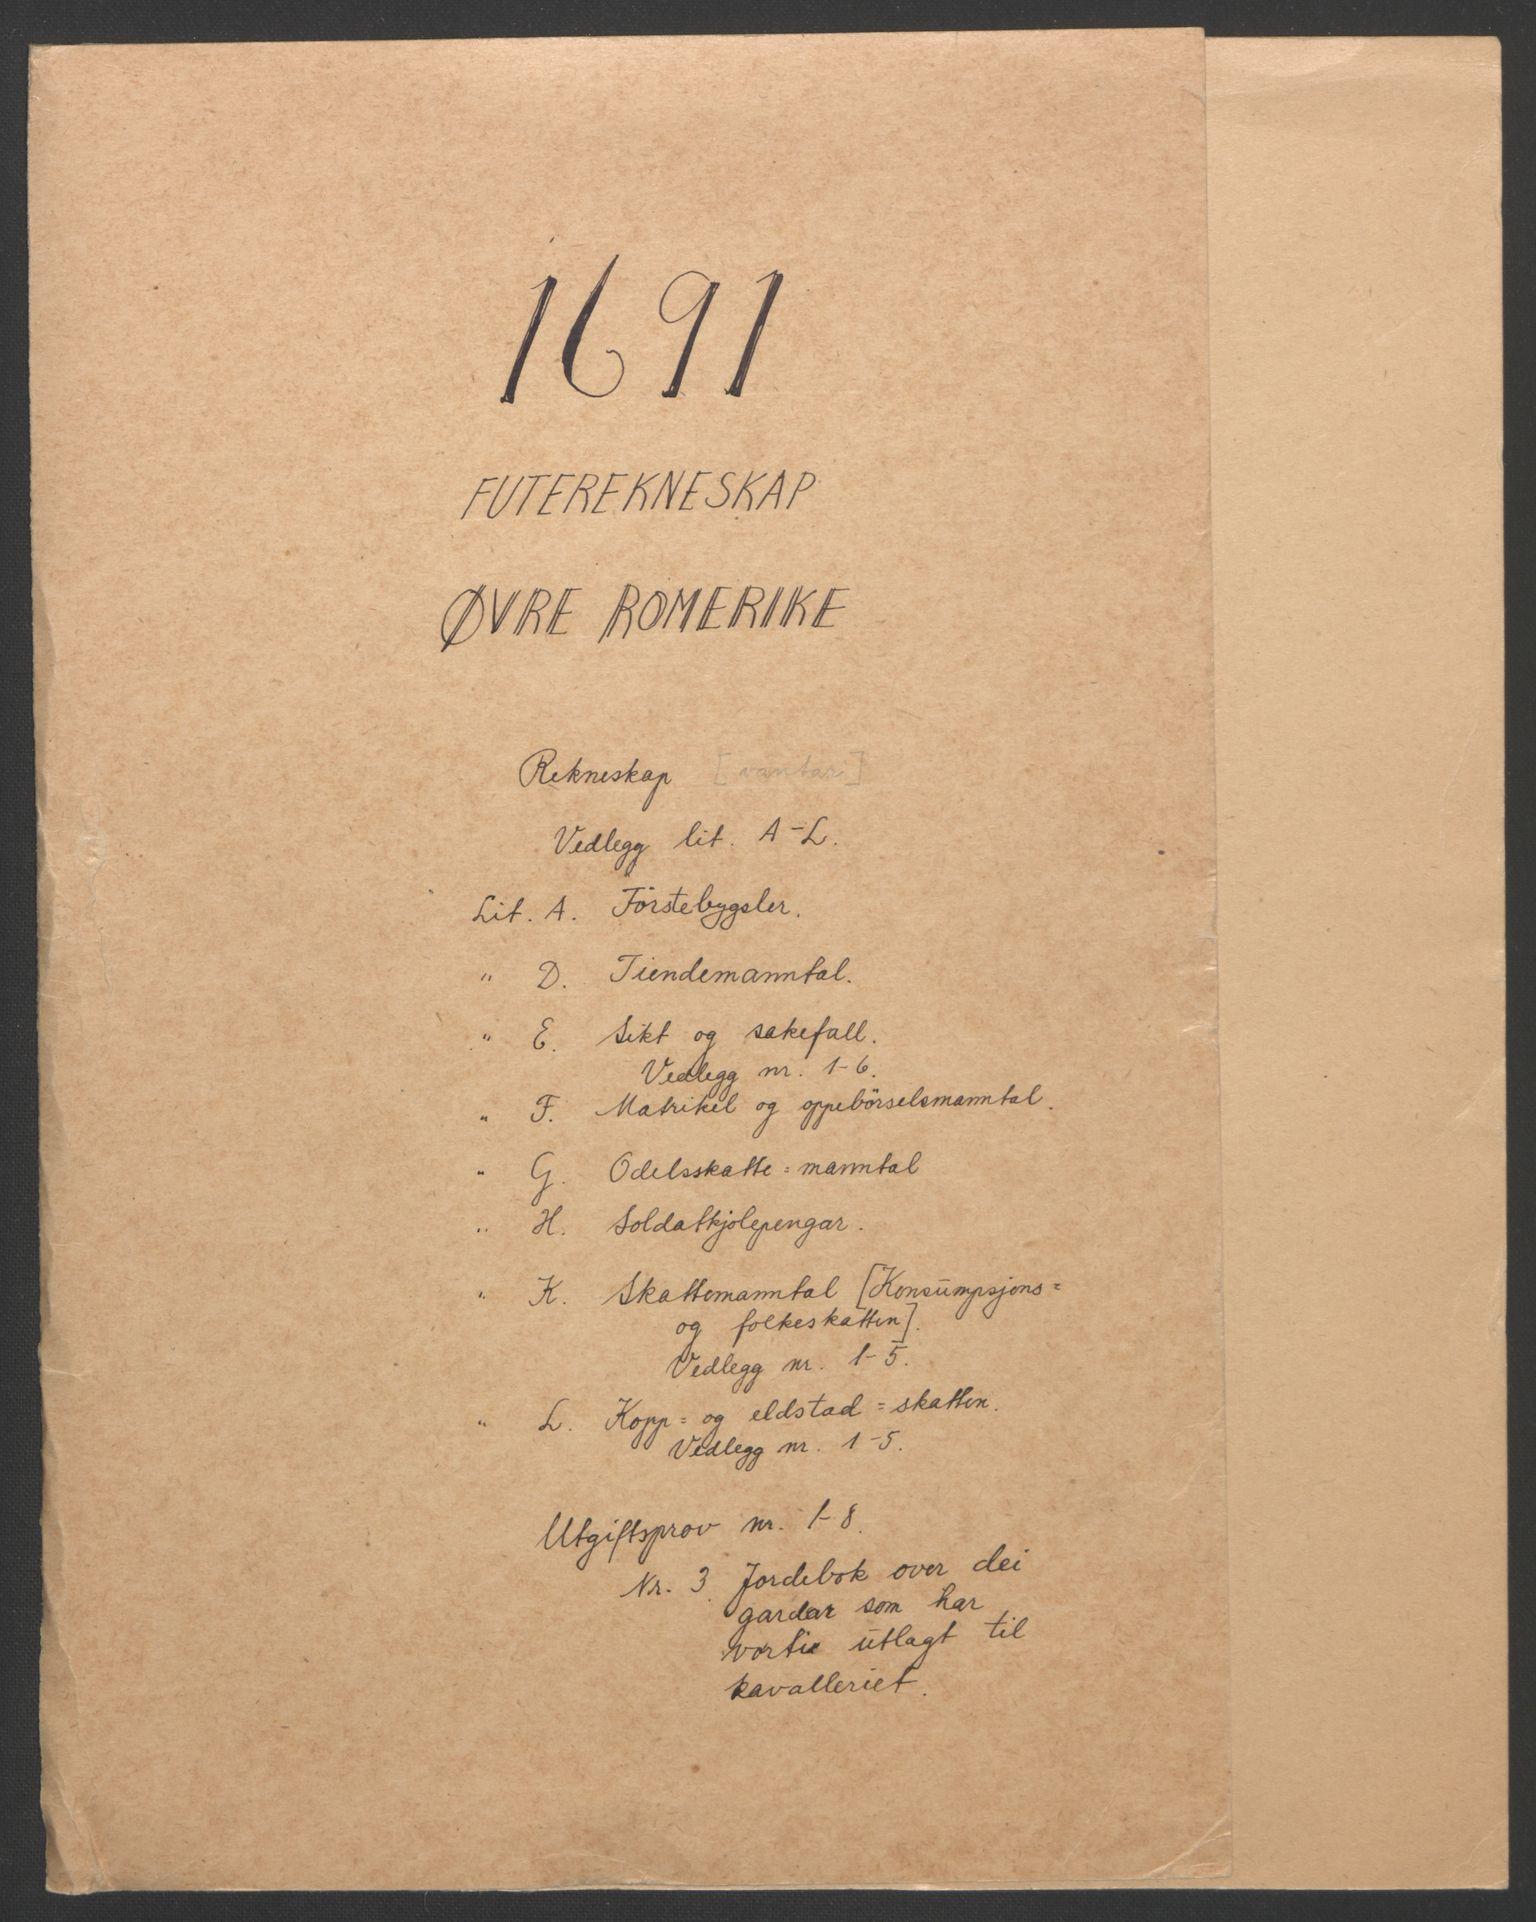 RA, Rentekammeret inntil 1814, Reviderte regnskaper, Fogderegnskap, R12/L0703: Fogderegnskap Øvre Romerike, 1691, s. 3